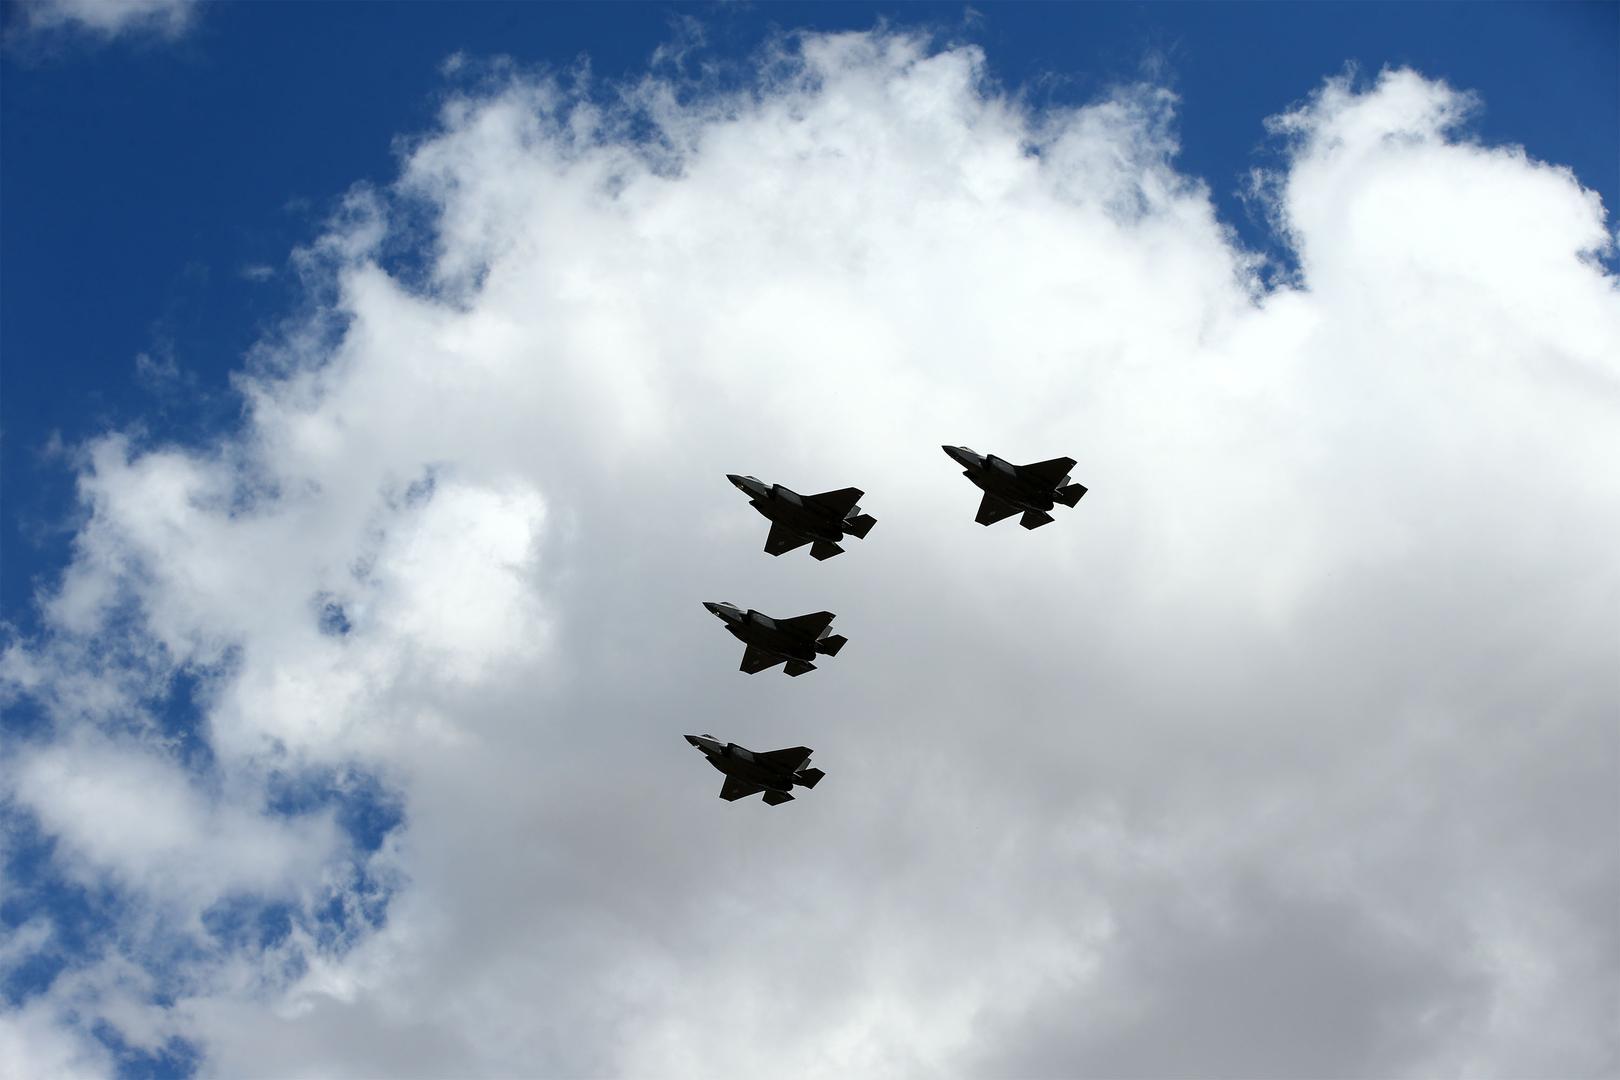 الإمارات تؤكد توقيع صفقة بقيمة 23 مليار دولار تشمل شراء مقاتلات